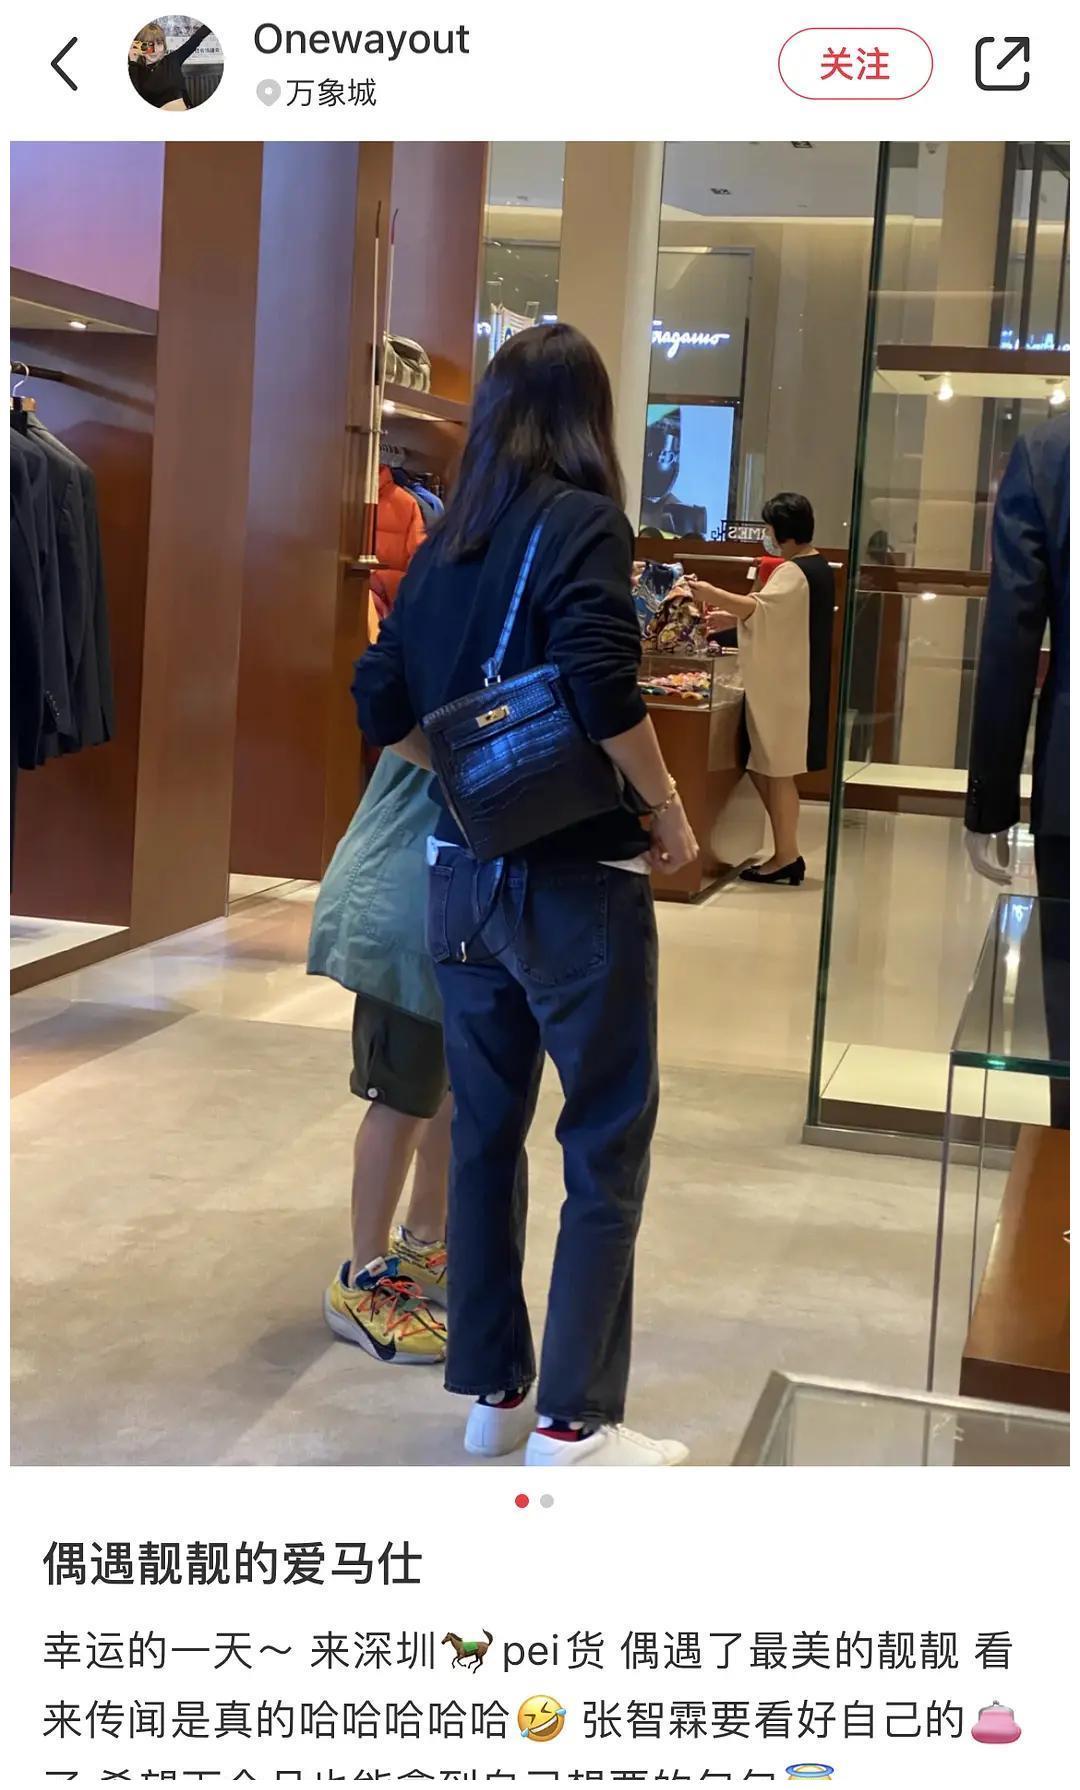 偶遇袁咏仪买包包,素颜打扮超随意,张智霖坐在椅子上笑得好勉强